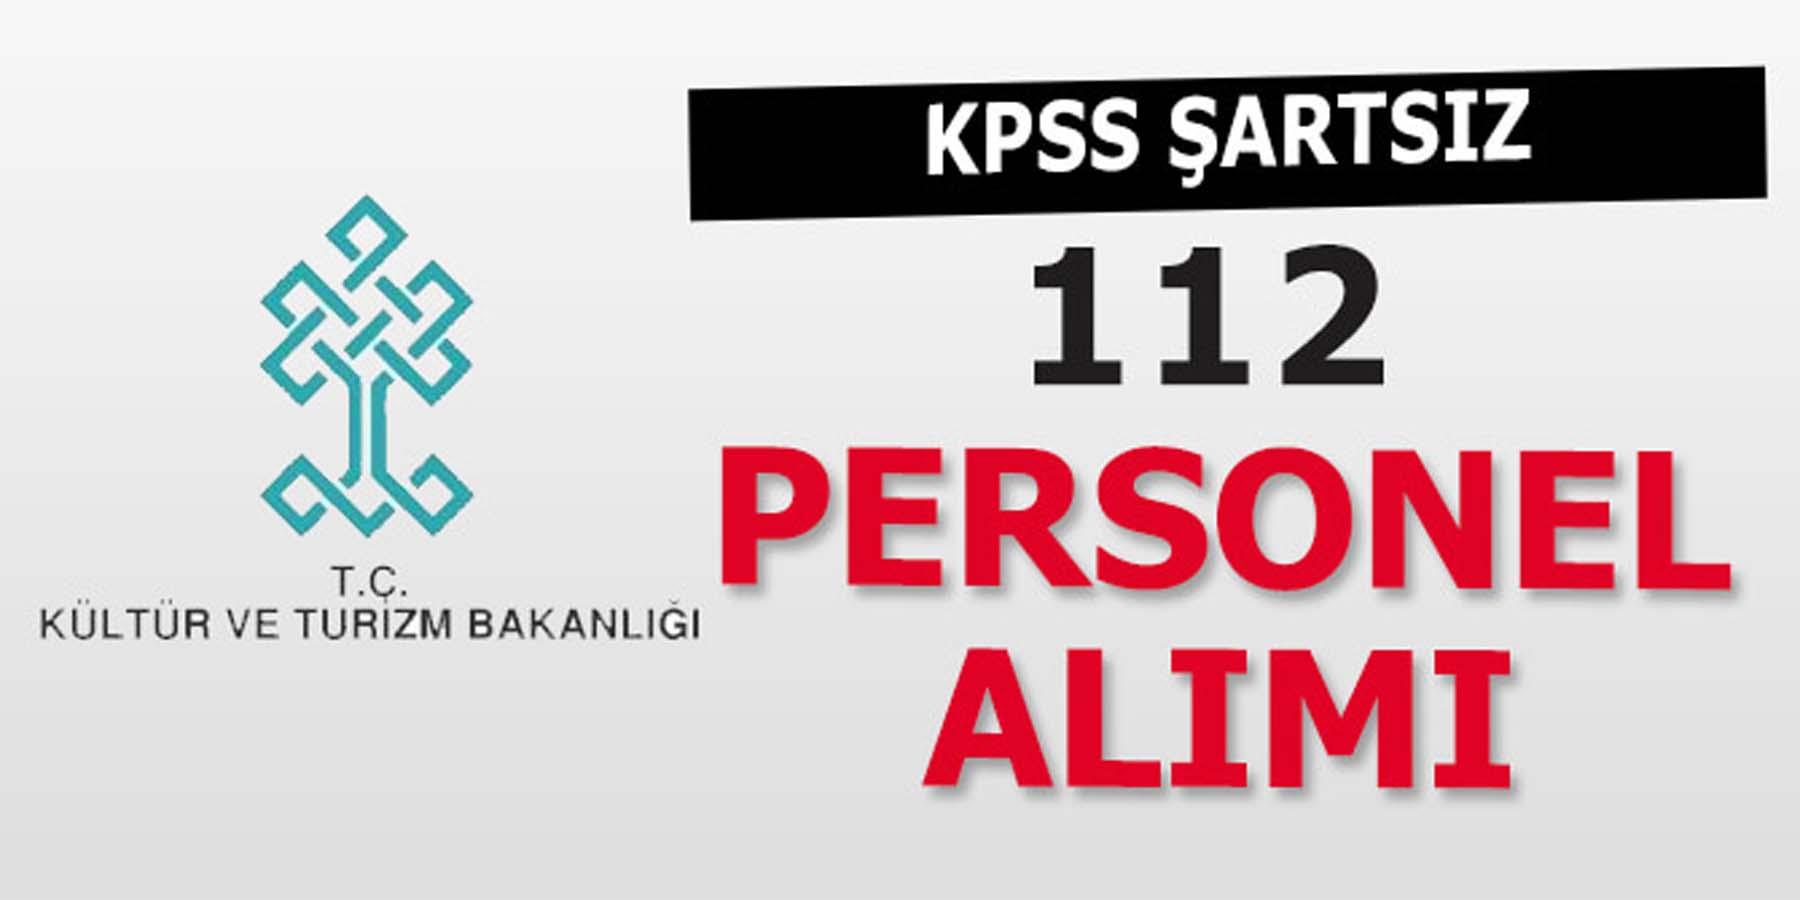 Kültür ve Turizm Bakanlığı KPSS Şartsız 112 Personel Alımı